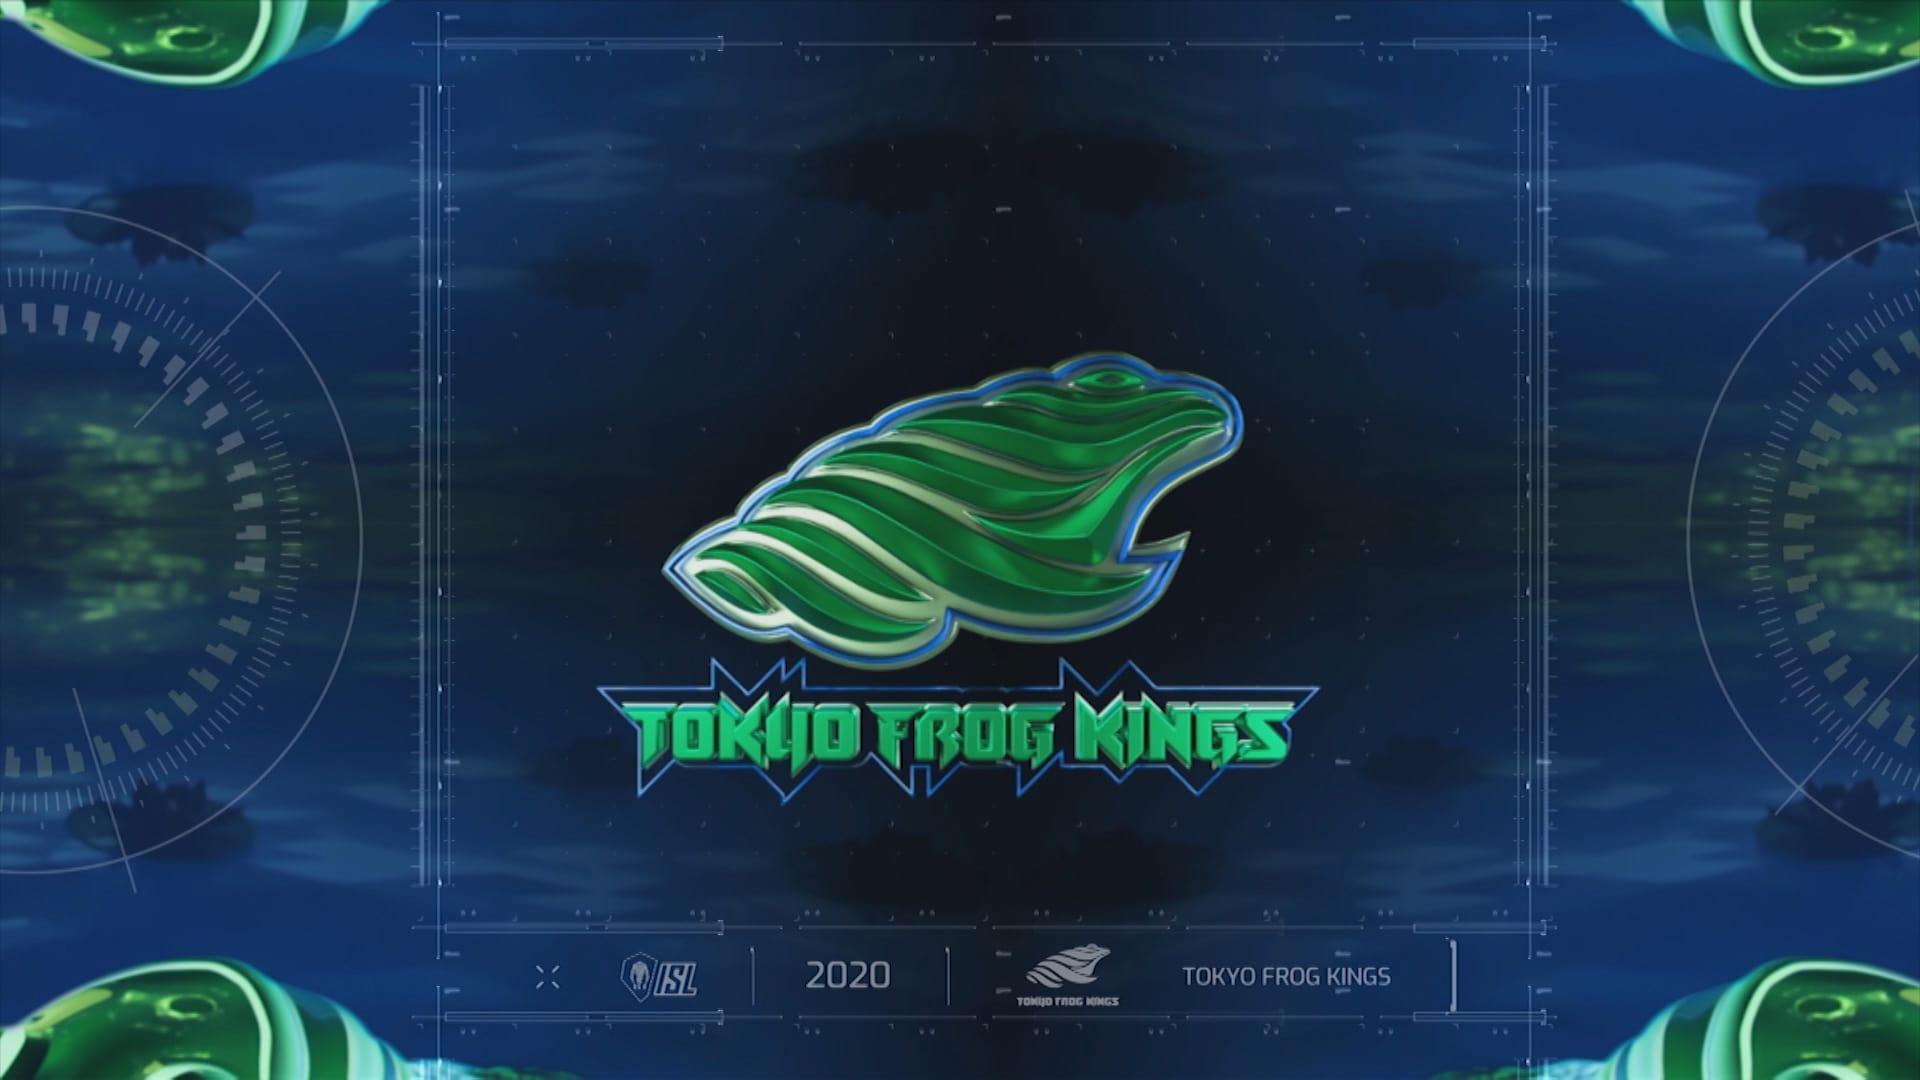 Girraphic ISL 2020 Tokyo Frog Kings